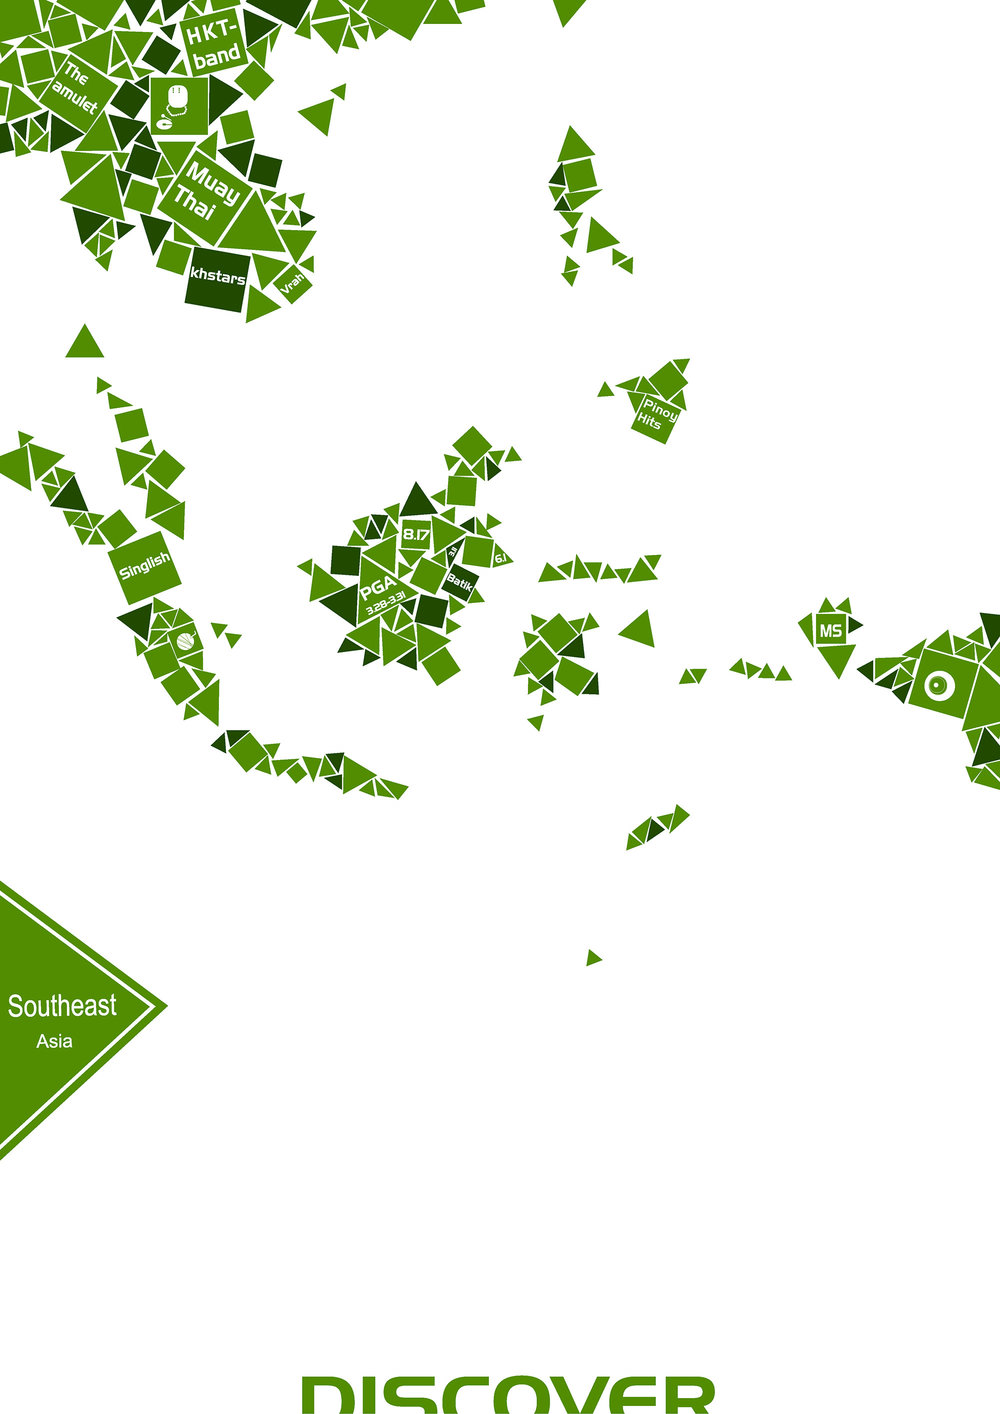 2发现东南亚1000×700mm.jpg